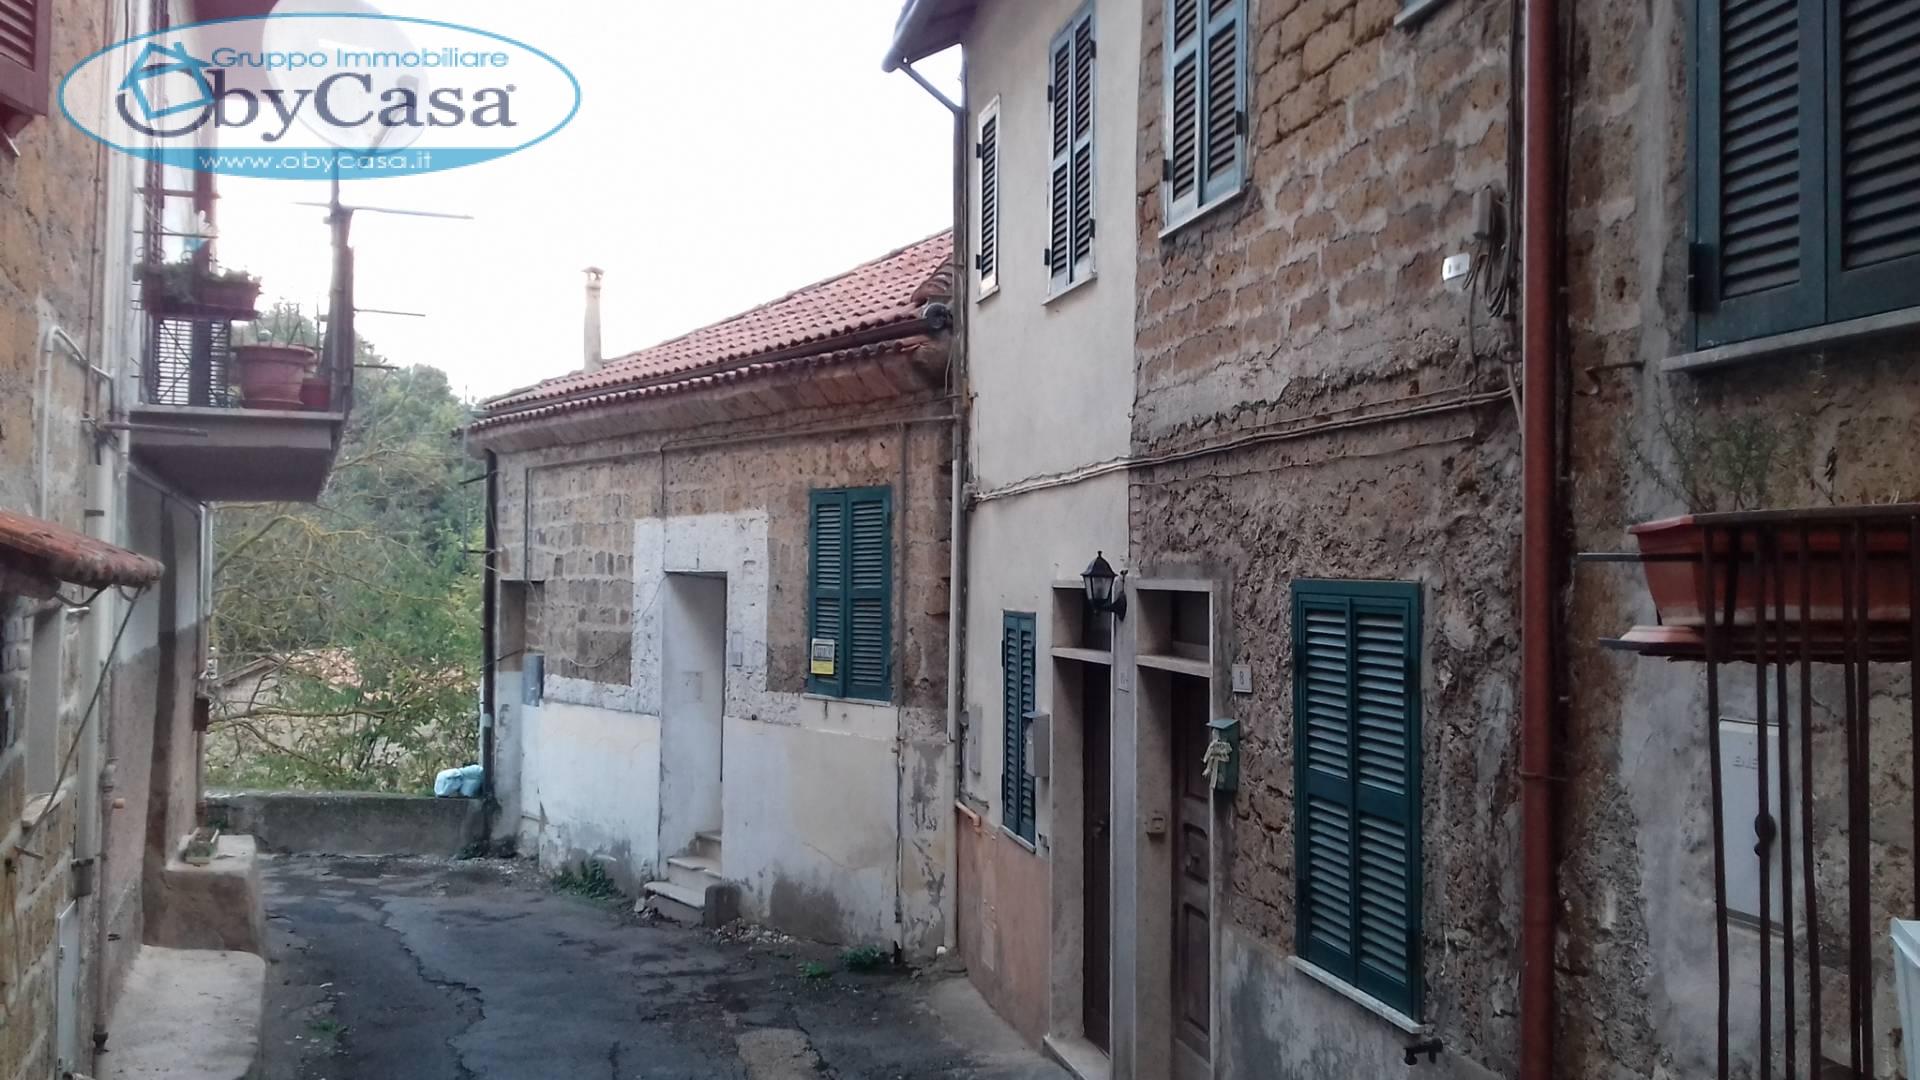 Soluzione Indipendente in vendita a Bassano Romano, 3 locali, zona Località: bassanoromano, prezzo € 65.000 | CambioCasa.it